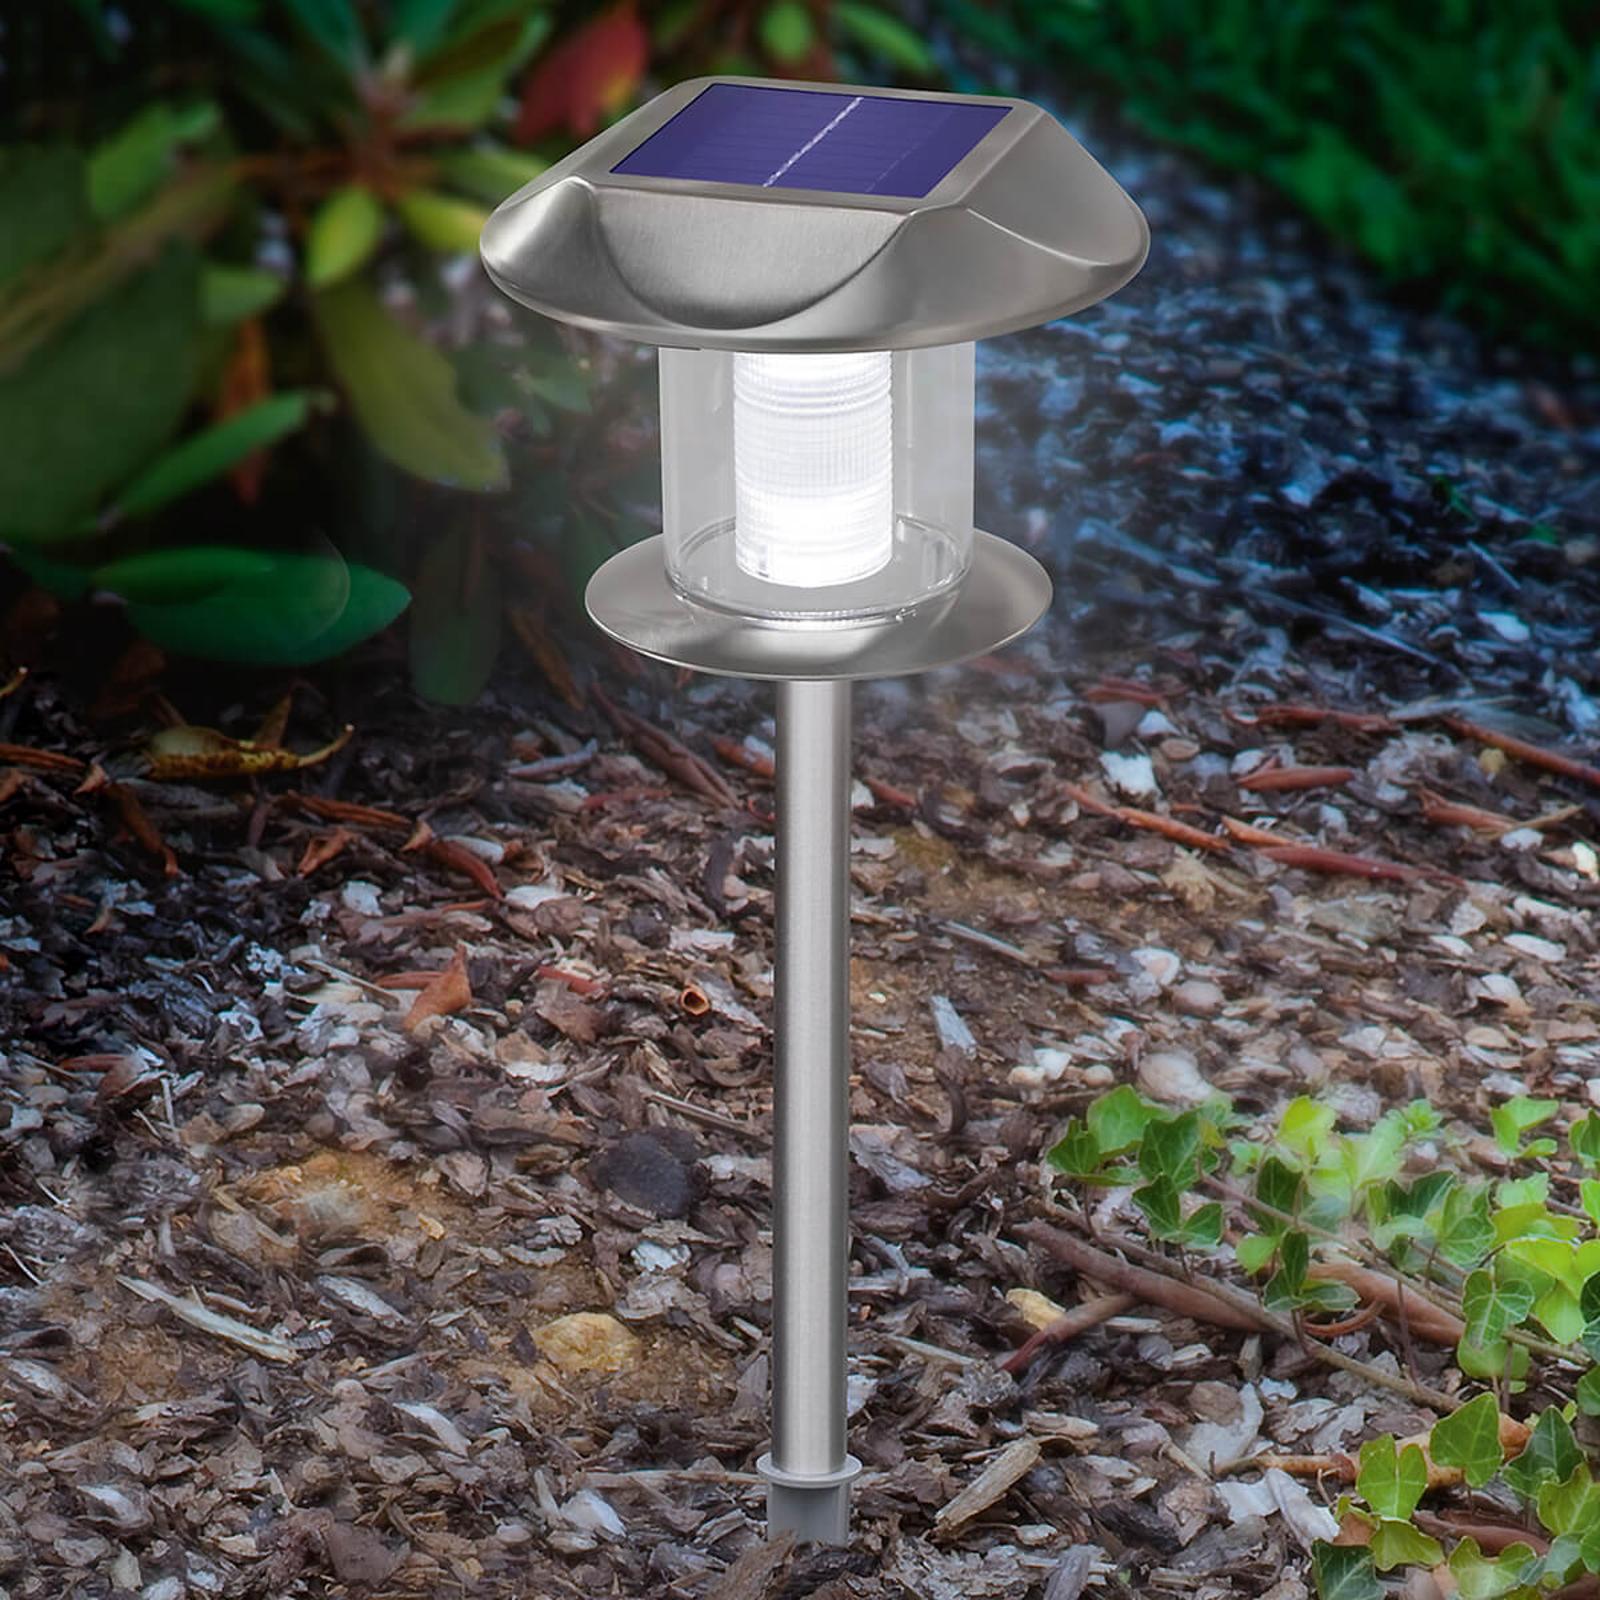 Sunny LED-Solarleuchte, warmweiß und tageslicht